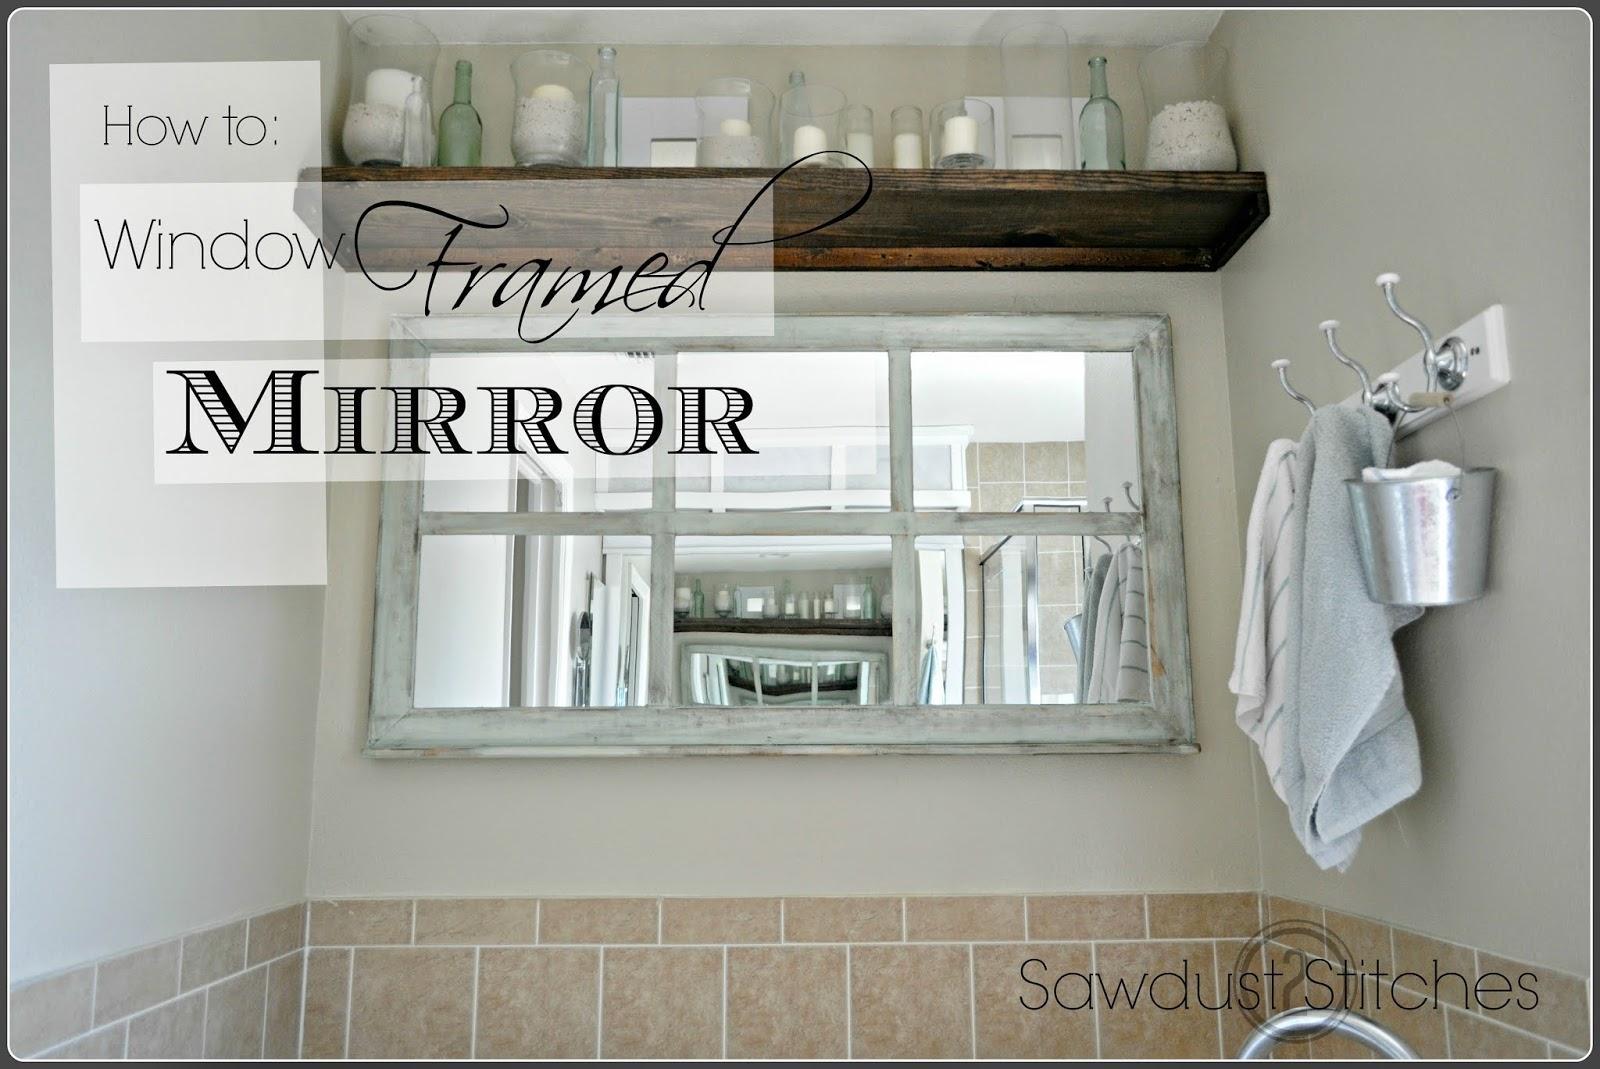 Window Framed Mirror Sawdust 2 Stitches